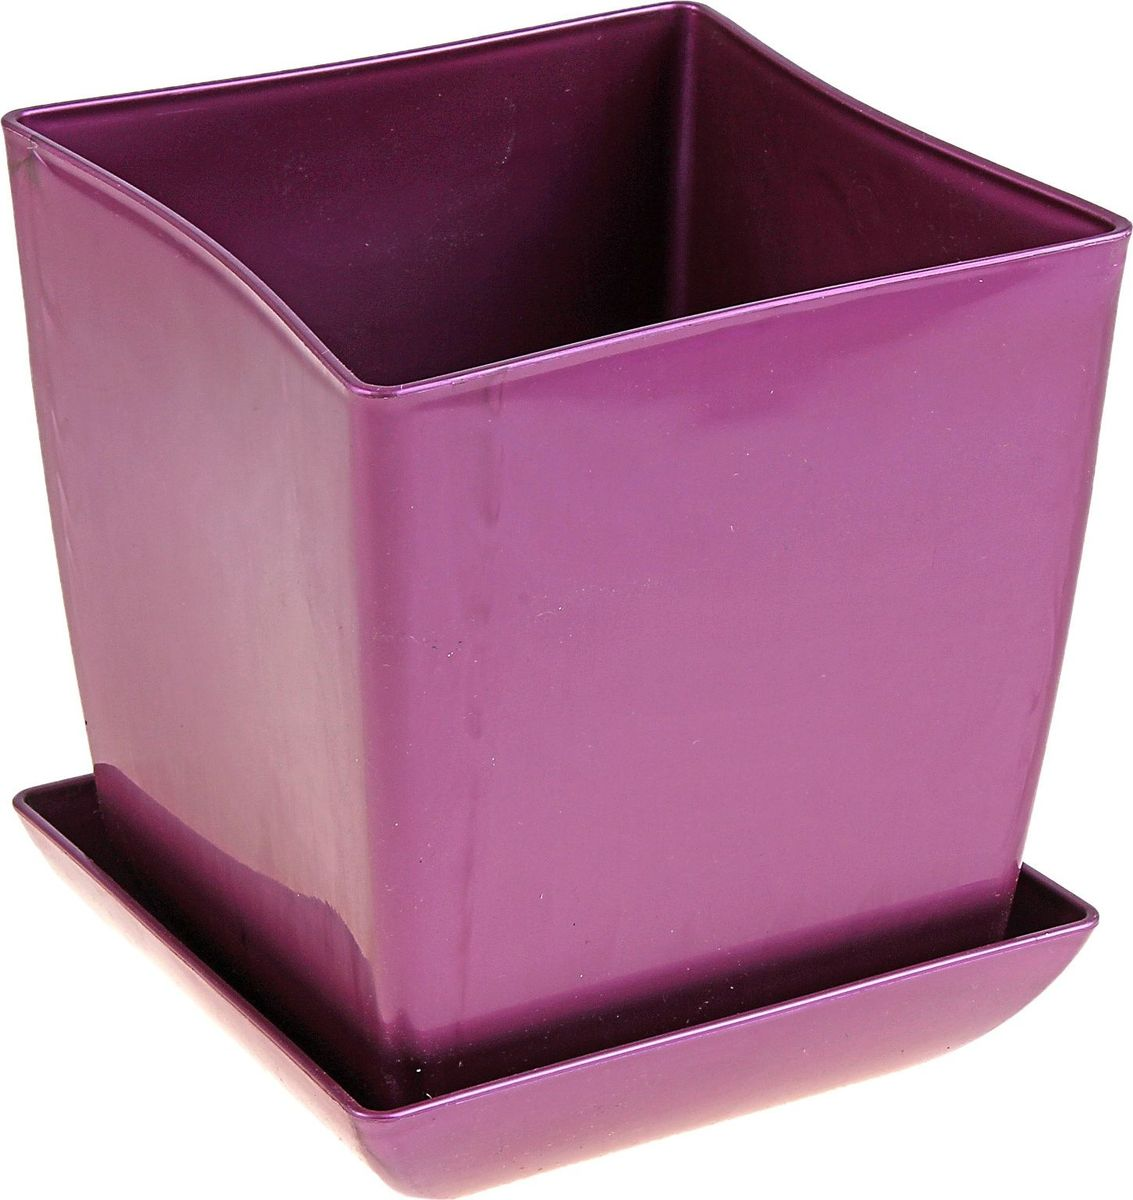 Горшок для цветов Мегапласт Квадрат, с поддоном, цвет: фиолетовый, 3,5 л624955Горшок для цветов Мегапласт Квадрат обладает малым весом и высокой прочностью. С лёгкостью переносите горшки и кашпо с места на место, ставьте их на столики или полки, подвешивайте под потолок, не беспокоясь о нагрузке. Пластиковые изделия не нуждаются в специальных условиях хранения. Их легко чистить - достаточно просто сполоснуть тёплой водой. Пластиковые кашпо не царапают и не загрязняют поверхности, на которых стоят. Пластик дольше хранит влагу, а значит растение реже нуждается в поливе.Пластмасса не пропускает воздух, а значит, корневой системе растения не грозят резкие перепады температур. Соблюдая нехитрые правила ухода, вы можете заметно продлить срок службы горшков, вазонов и кашпо из пластика:- всегда учитывайте размер кроны и корневой системы растения (при разрастании большое растение способно повредить маленький горшок). - берегите изделие от воздействия прямых солнечных лучей, чтобы кашпо и горшки не выцветали. - держите кашпо и горшки из пластика подальше от нагревающихся поверхностей. Любой, даже самый современный и продуманный интерьер будет не завершённым без растений. Они не только очищают воздух и насыщают его кислородом, но и заметно украшают окружающее пространство. Такому полезному члену семьи просто необходимо красивое и функциональное кашпо, оригинальный горшок или необычная ваза!